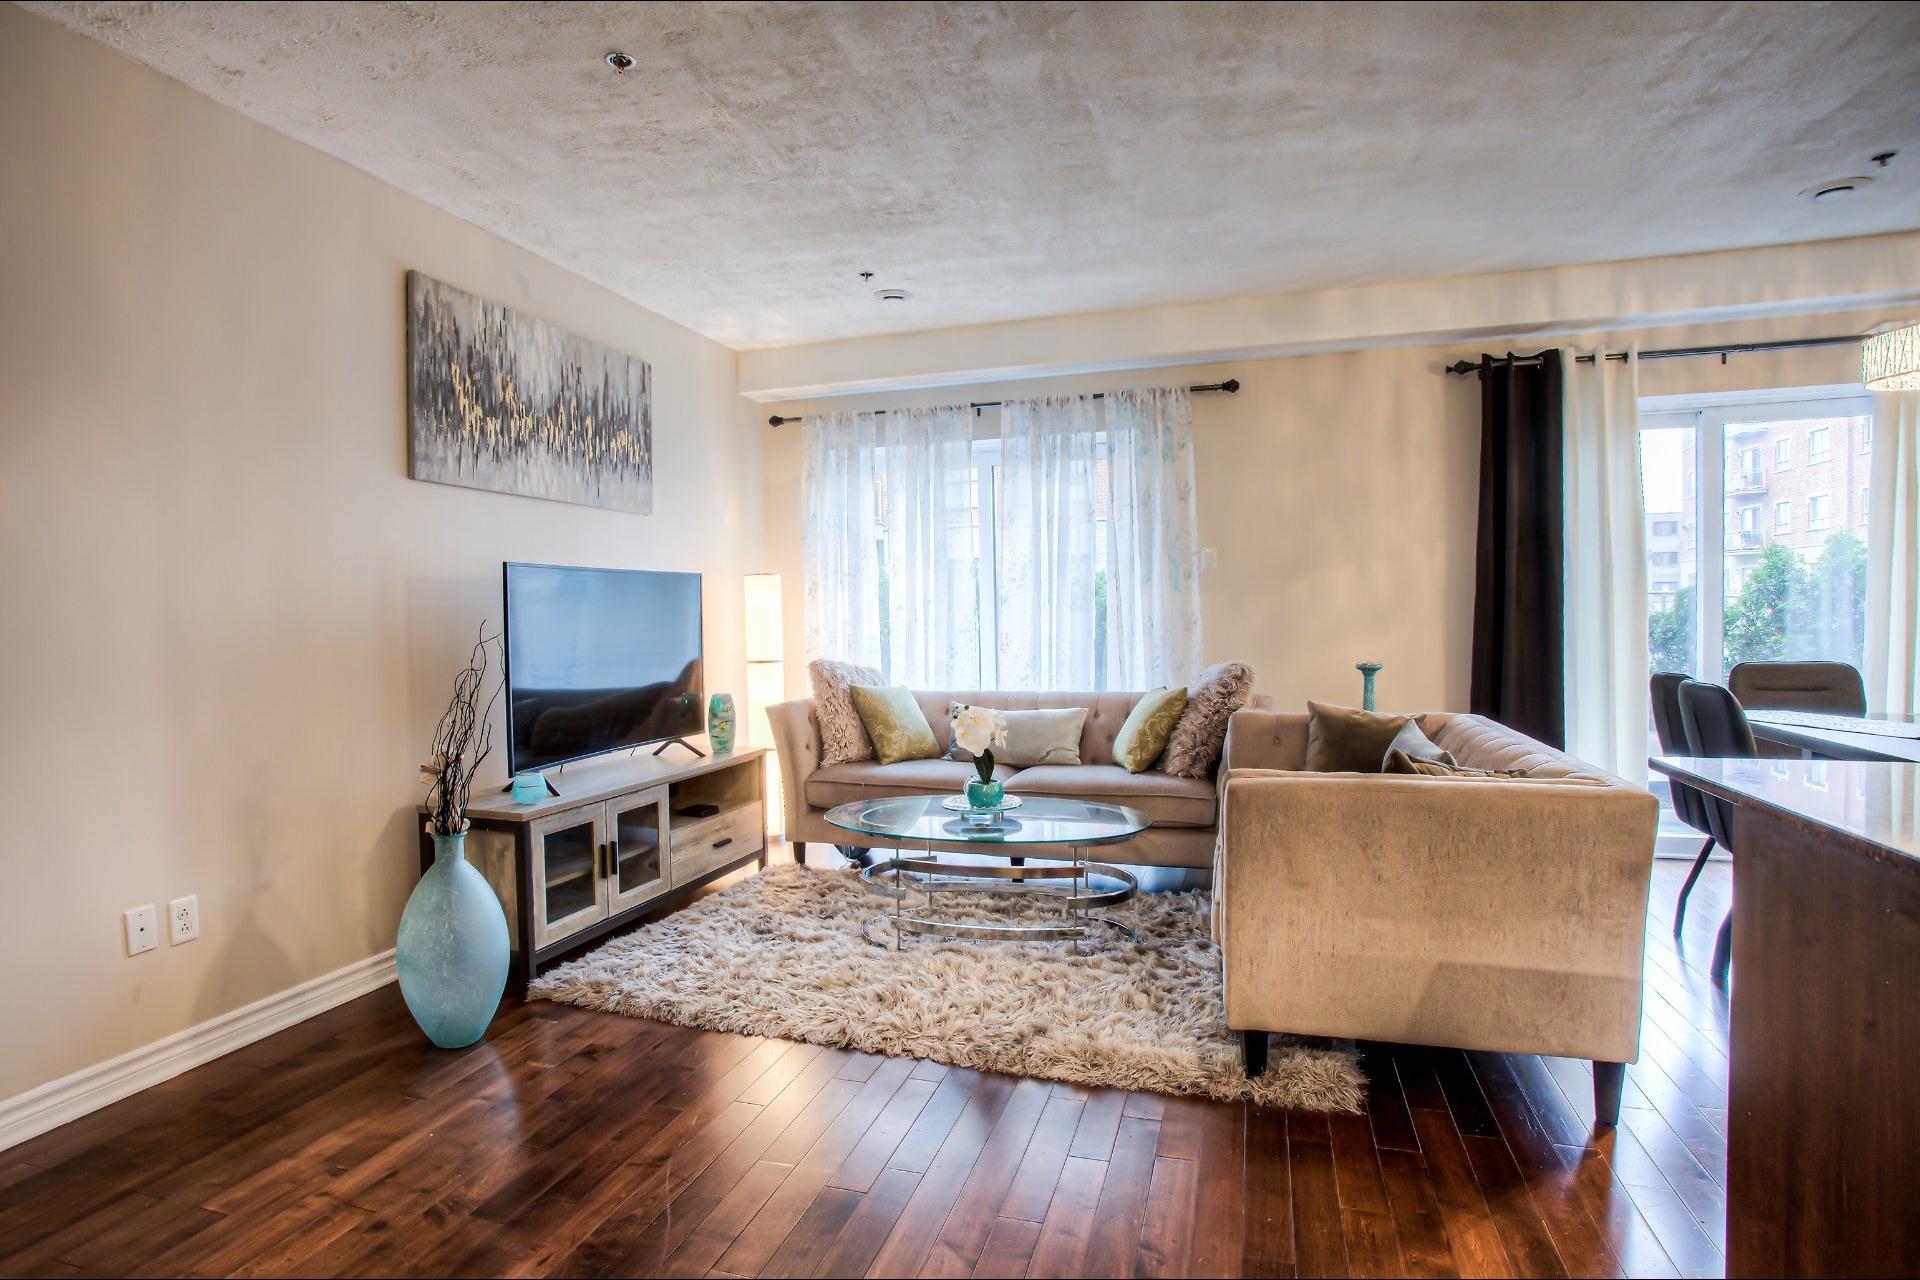 image 10 - Appartement À vendre Saint-Laurent Montréal  - 9 pièces